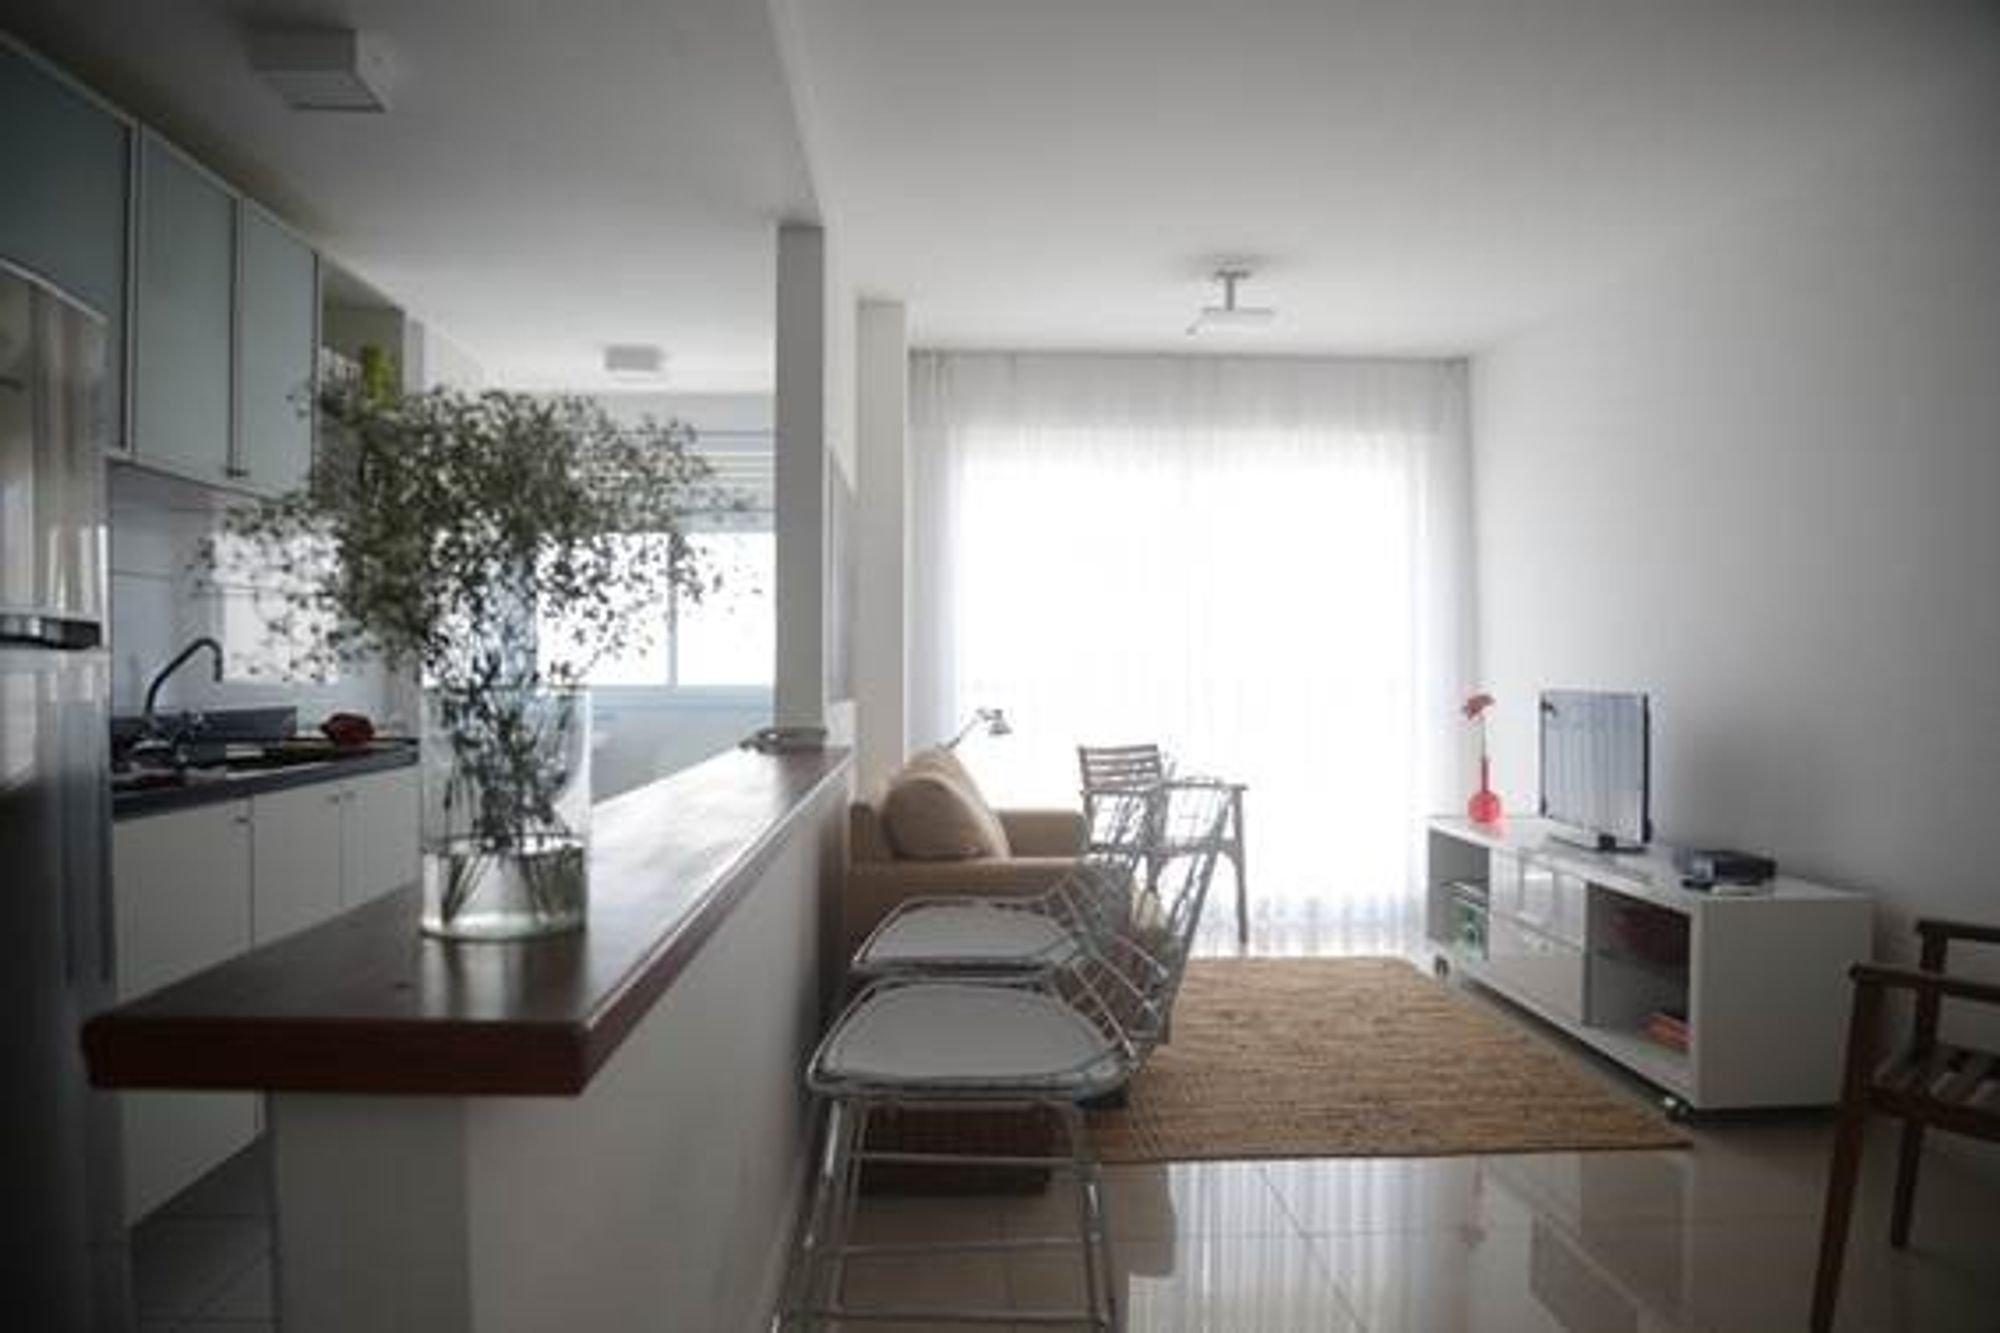 Foto de Sala com vaso de planta, televisão, vaso, geladeira, cadeira